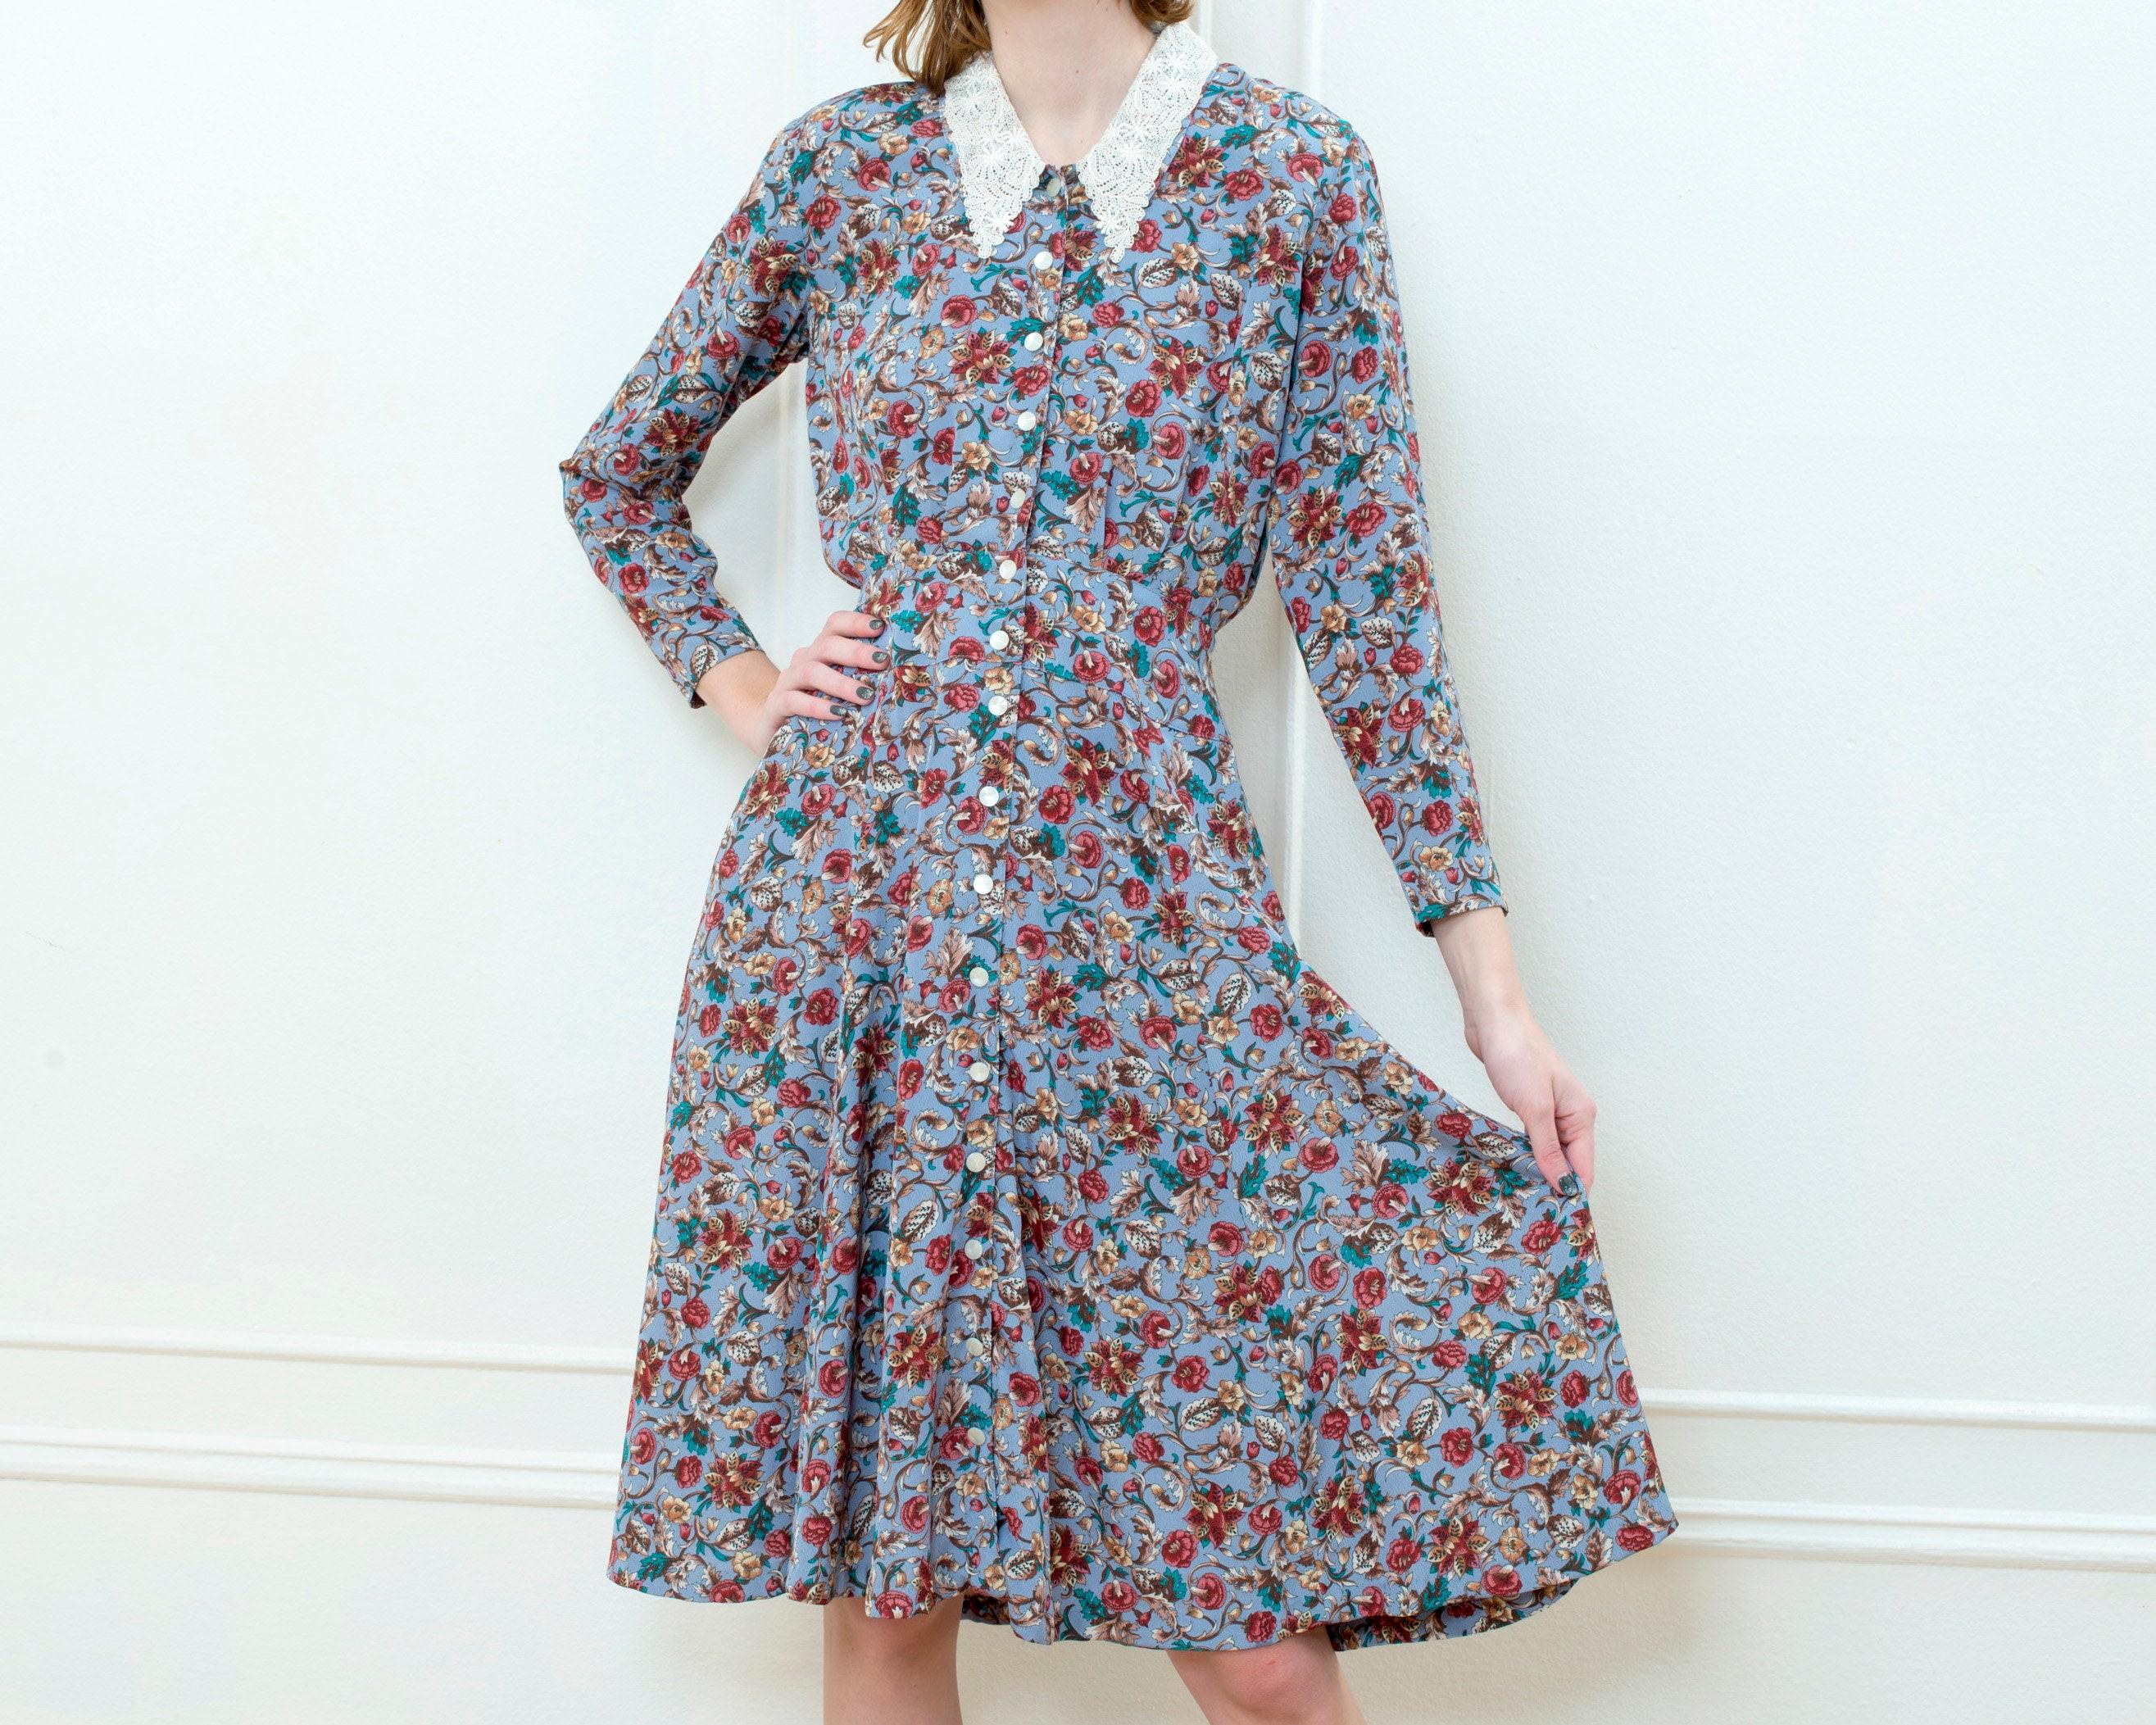 80s Dresses | Casual to Party Dresses 80S Blue Floral Dress  Lace Collar Button Down Midi Liz Claiborne Flower Print $25.00 AT vintagedancer.com